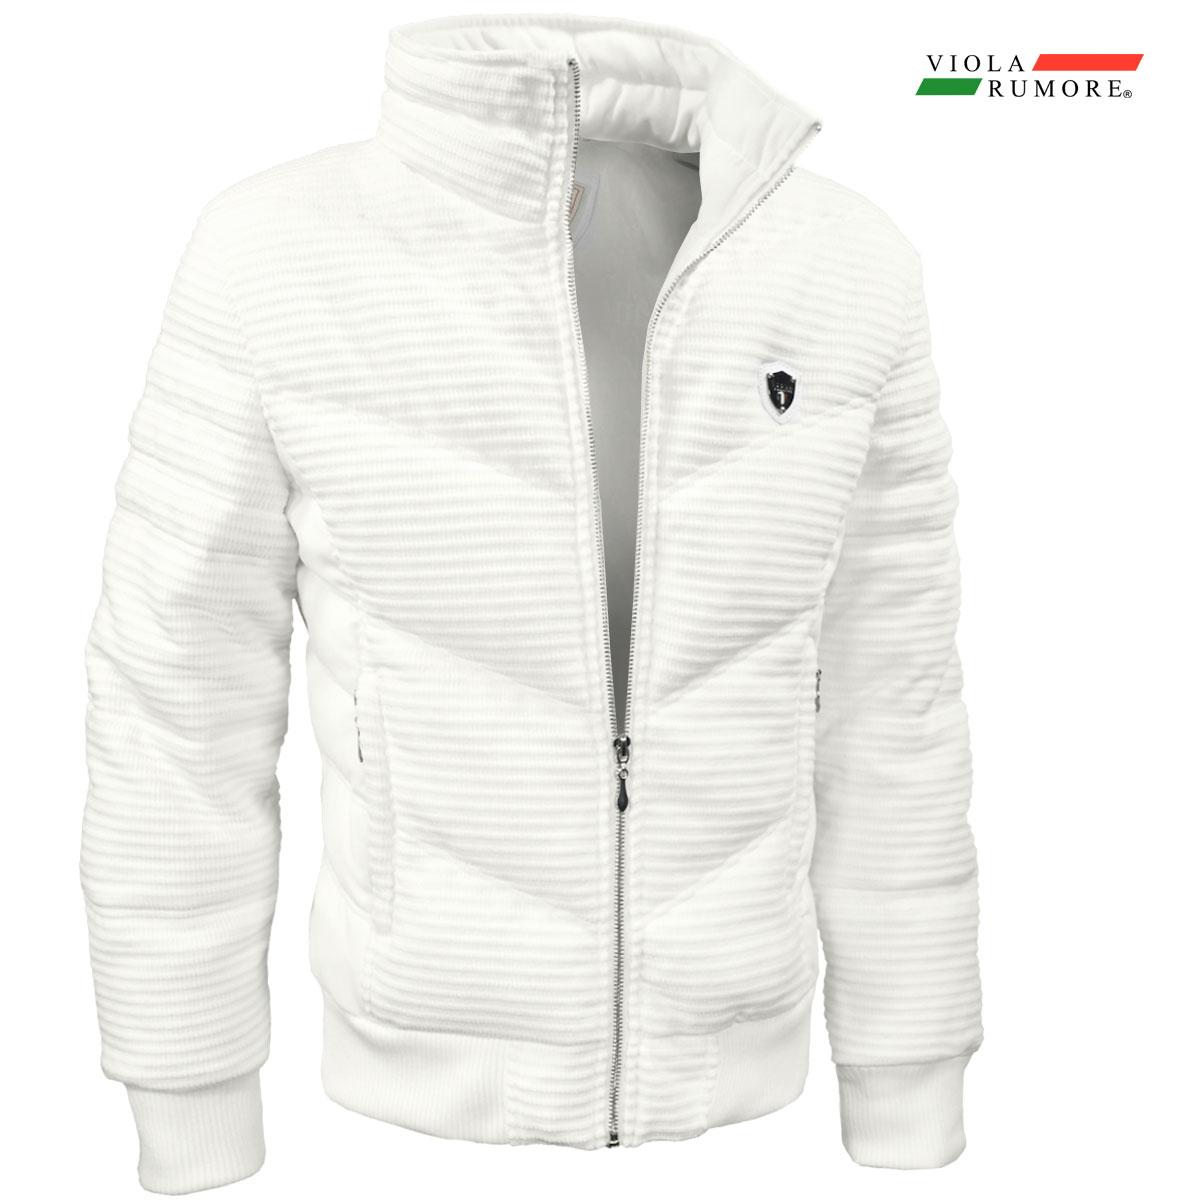 VIOLA rumore ヴィオラ ビオラ 中綿ジャケット モール素材 メンズ 切り替え アウター フルジップジャケット mens(ホワイト白)